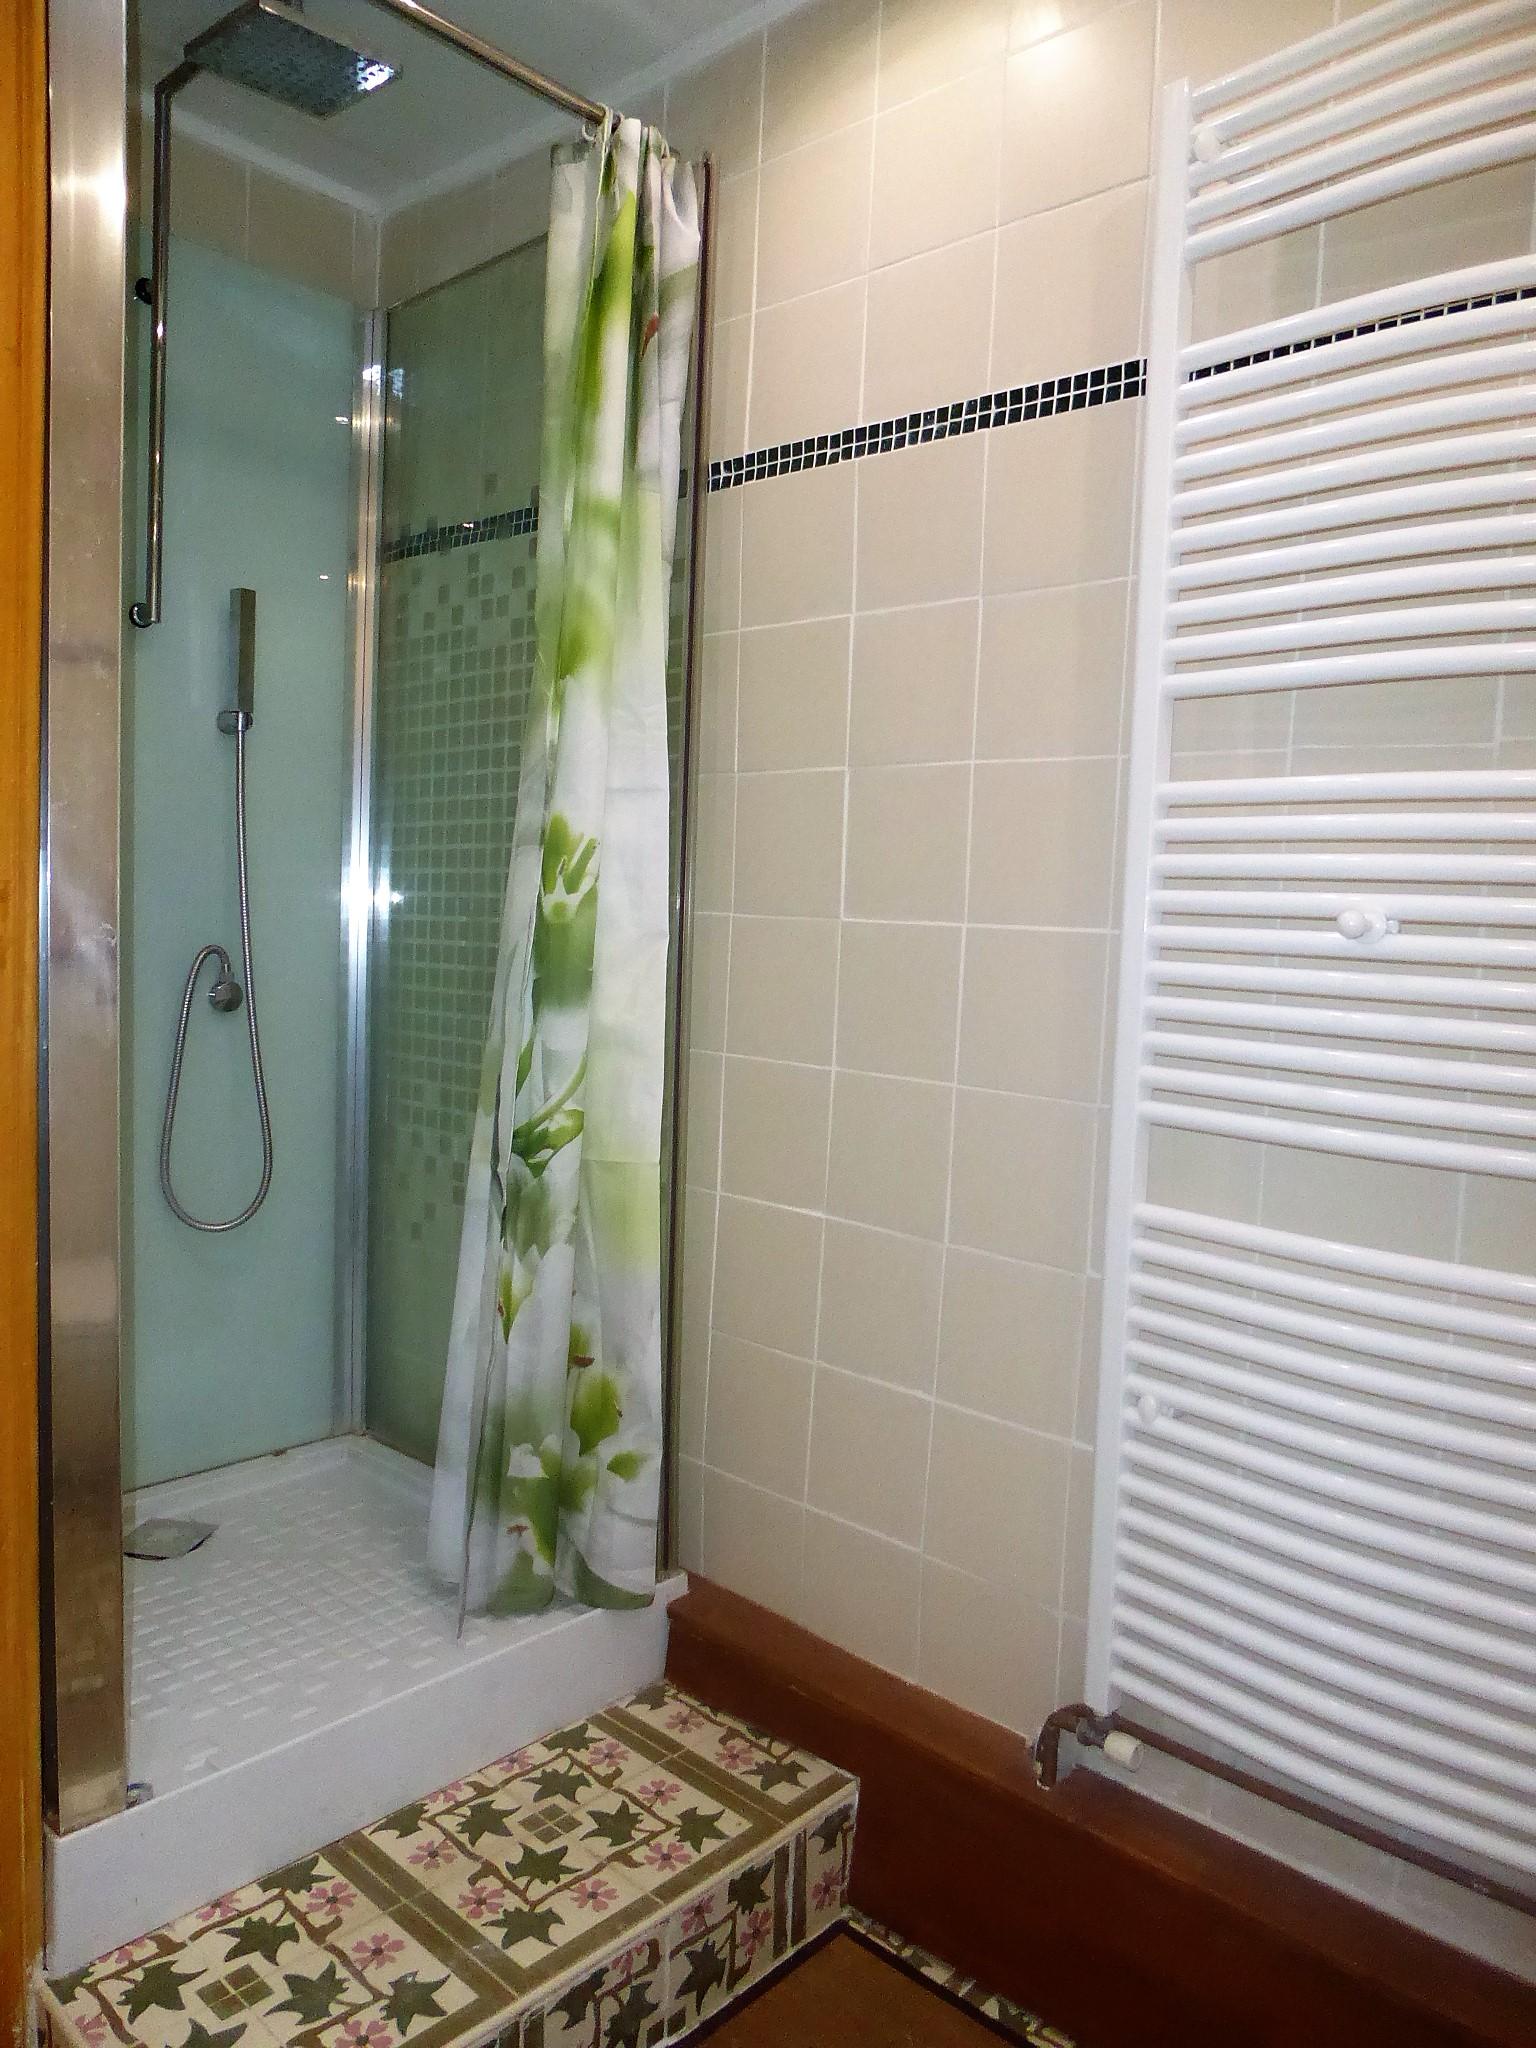 Le gite Les Lavandes proche de Pézenas sud de france. salle de bains